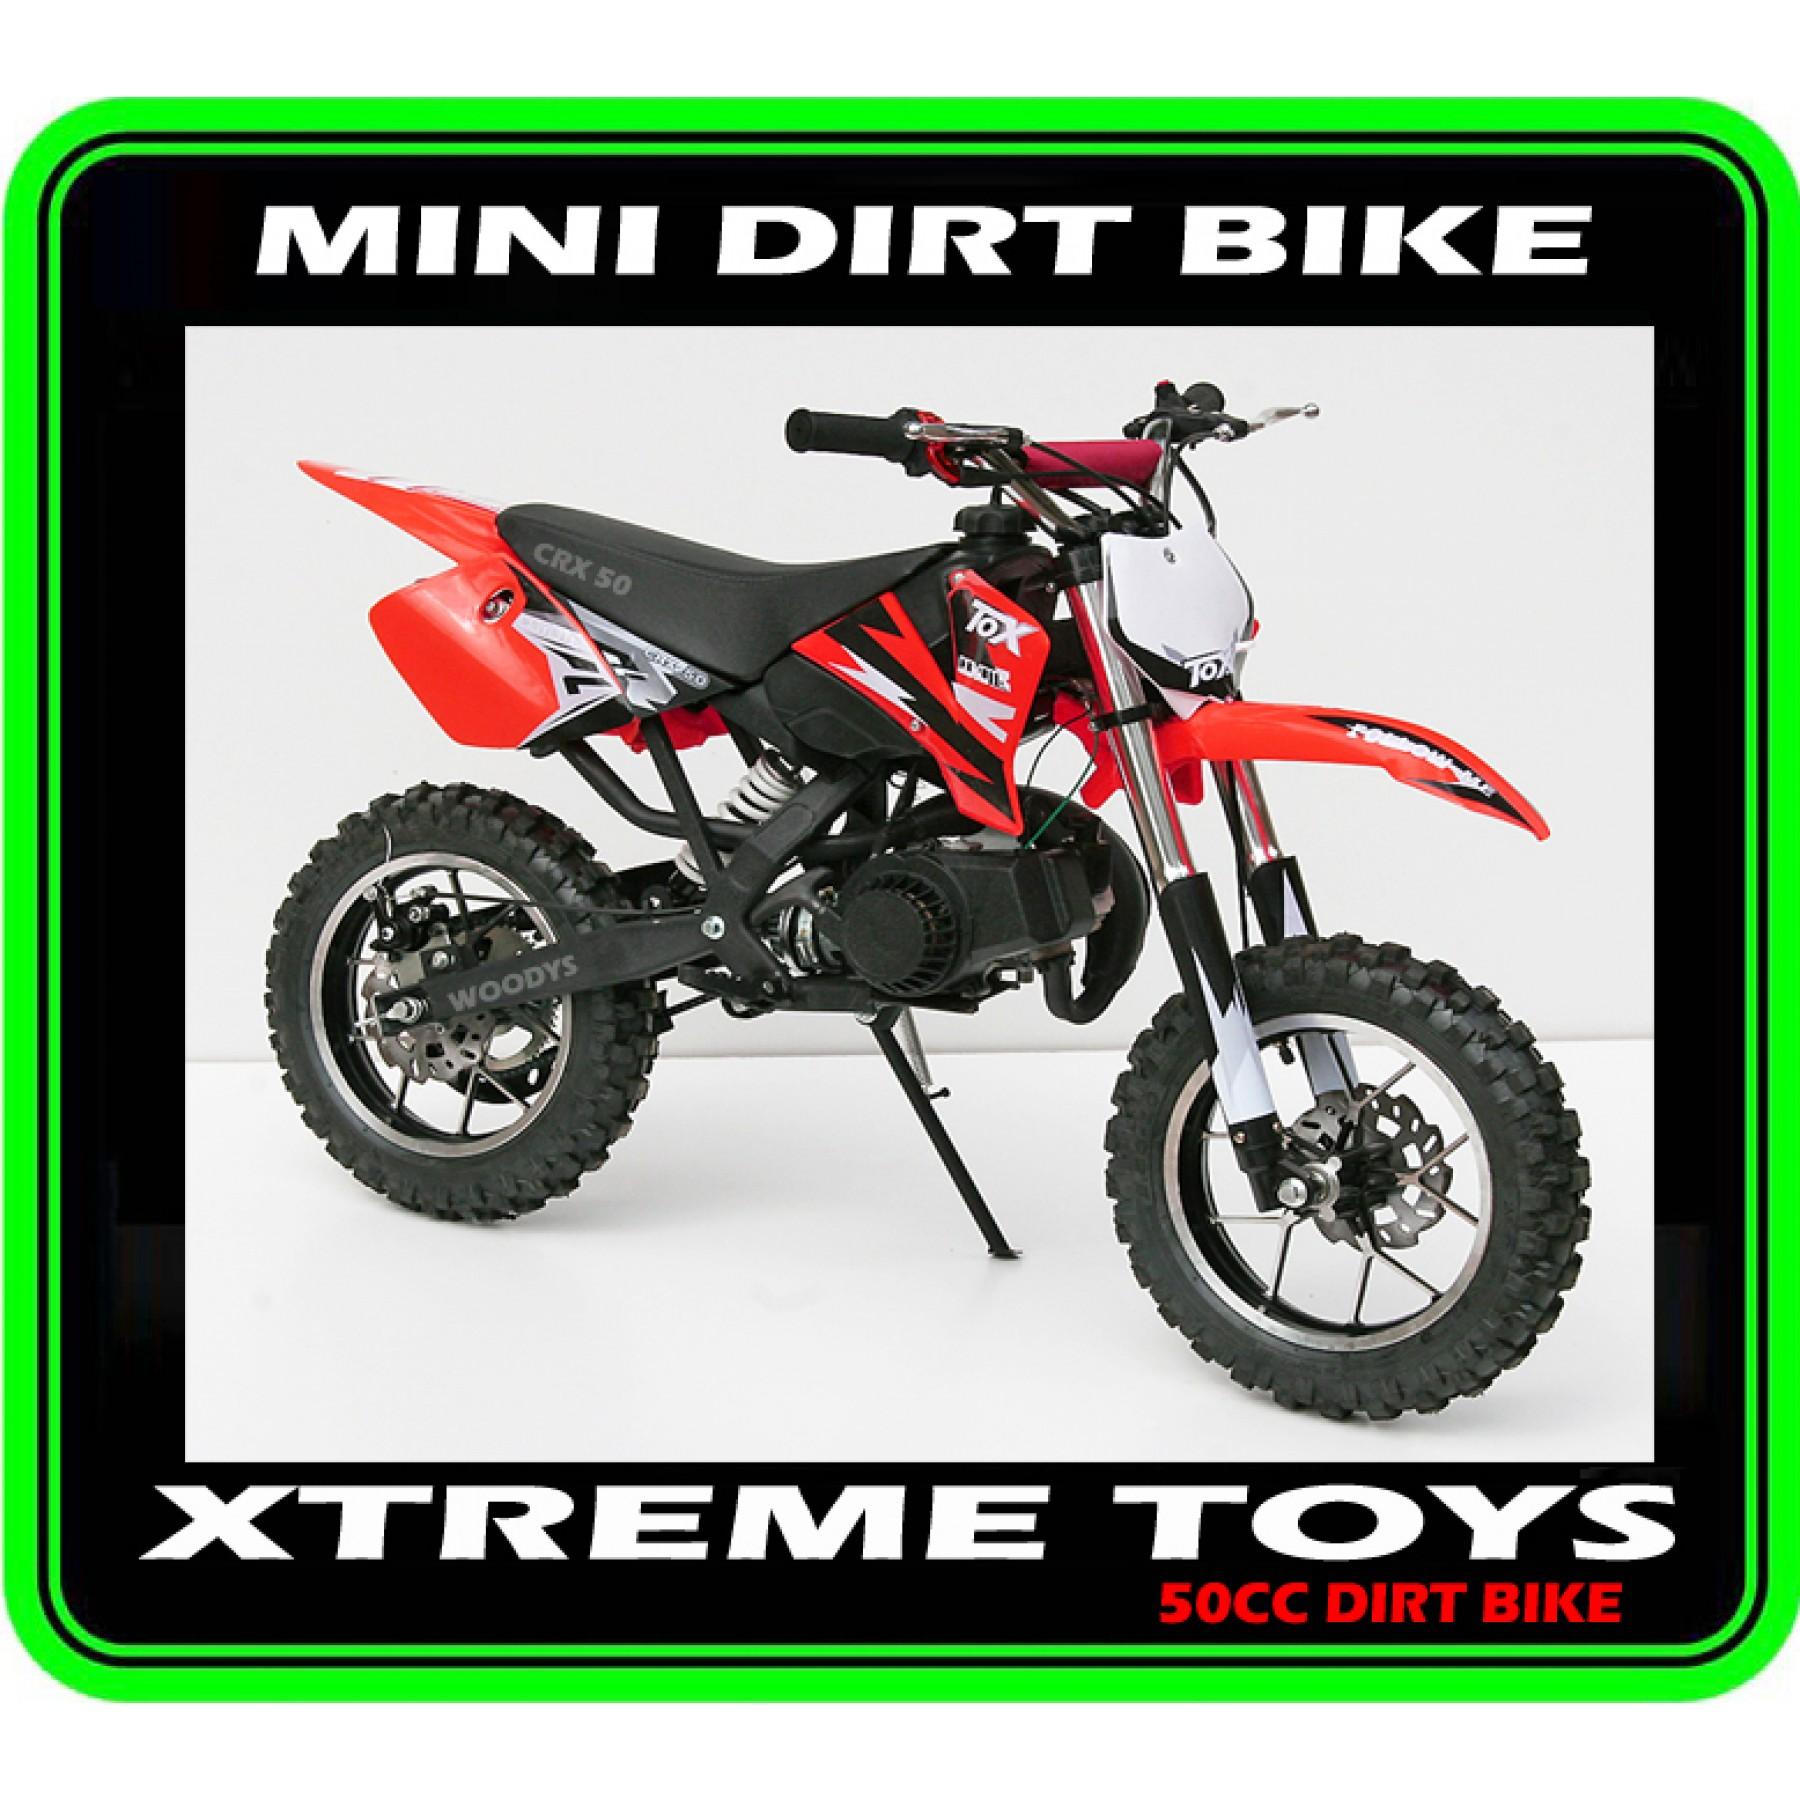 MINI DIRT BIKE CRX / MOTOR BIKE RED PLASTICS KIT